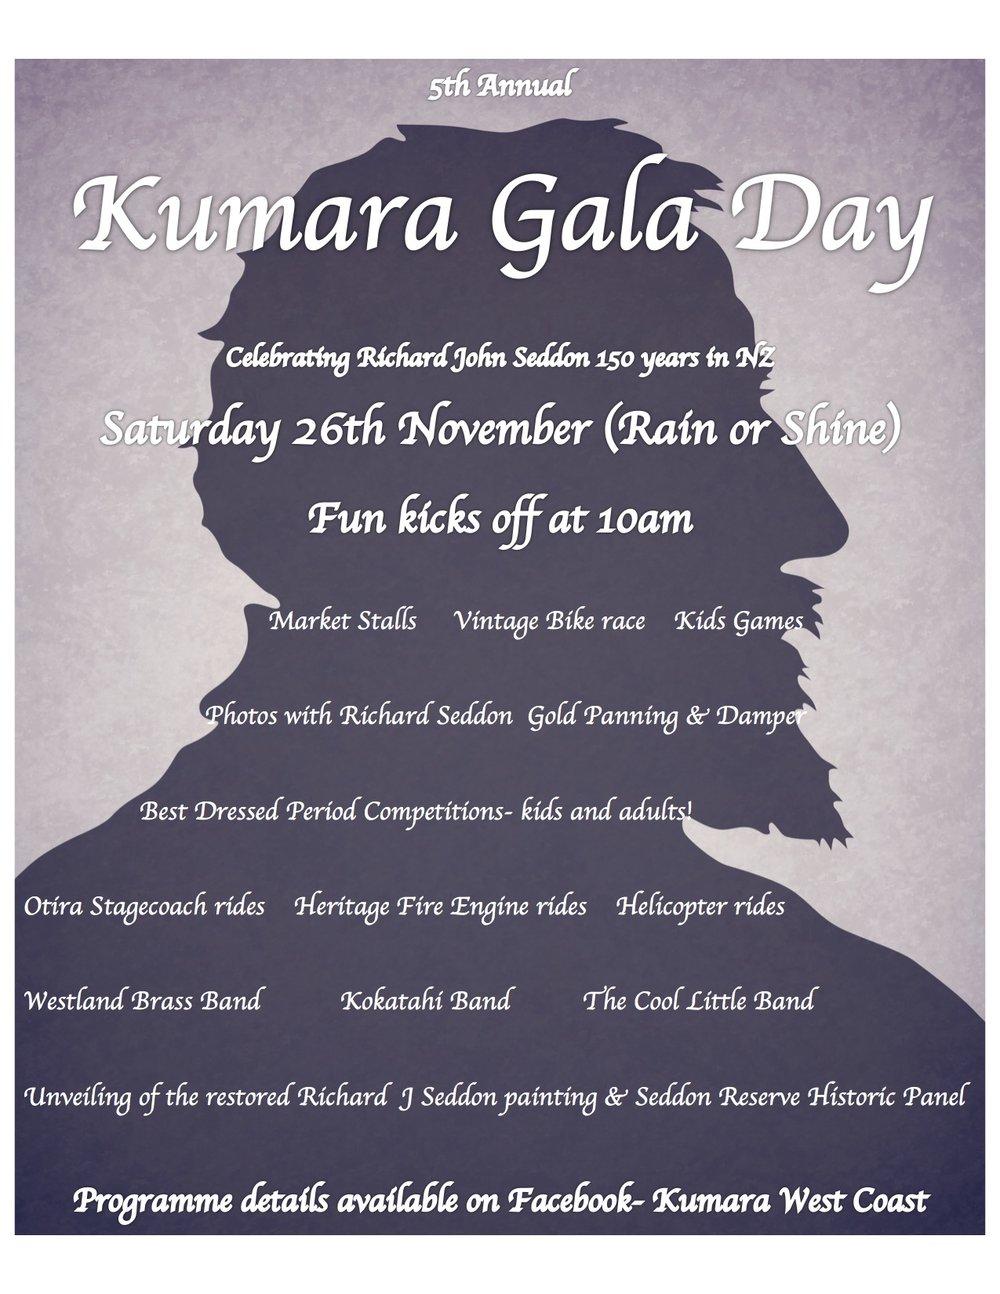 Kumara Gala Day 2016 .jpg